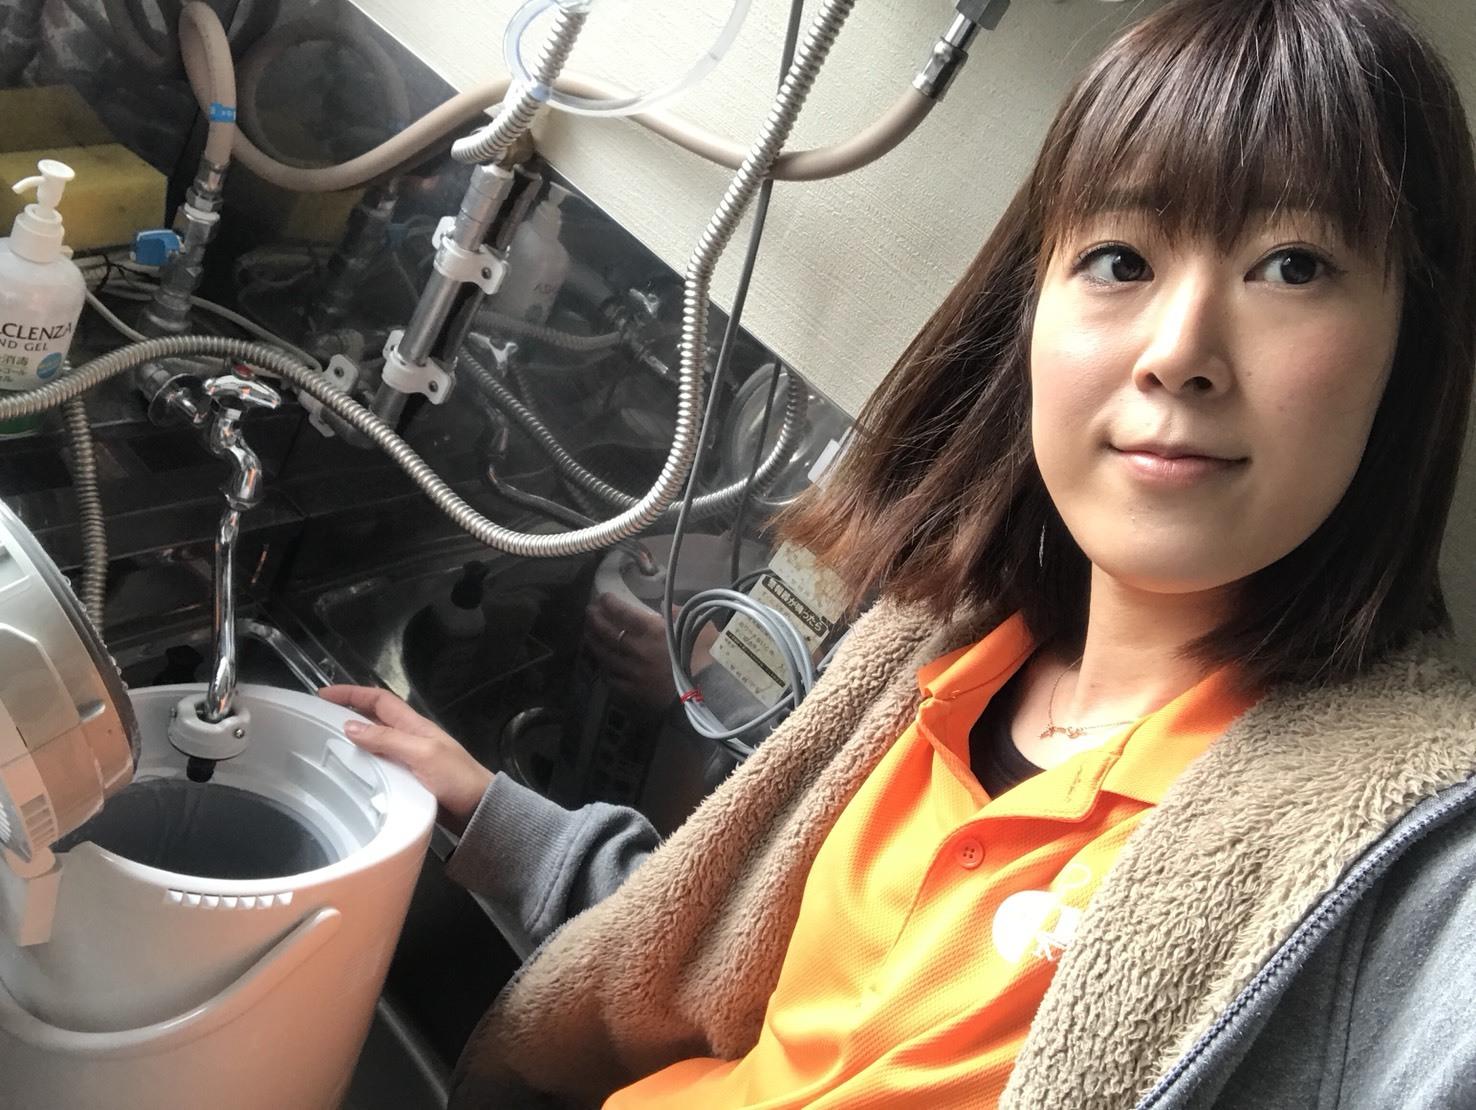 3月30日(金)トミーベース カスタムブログ☆S社様、新車のヴェルファイア到着☆カマロカスタム中☆_b0127002_11105522.jpg